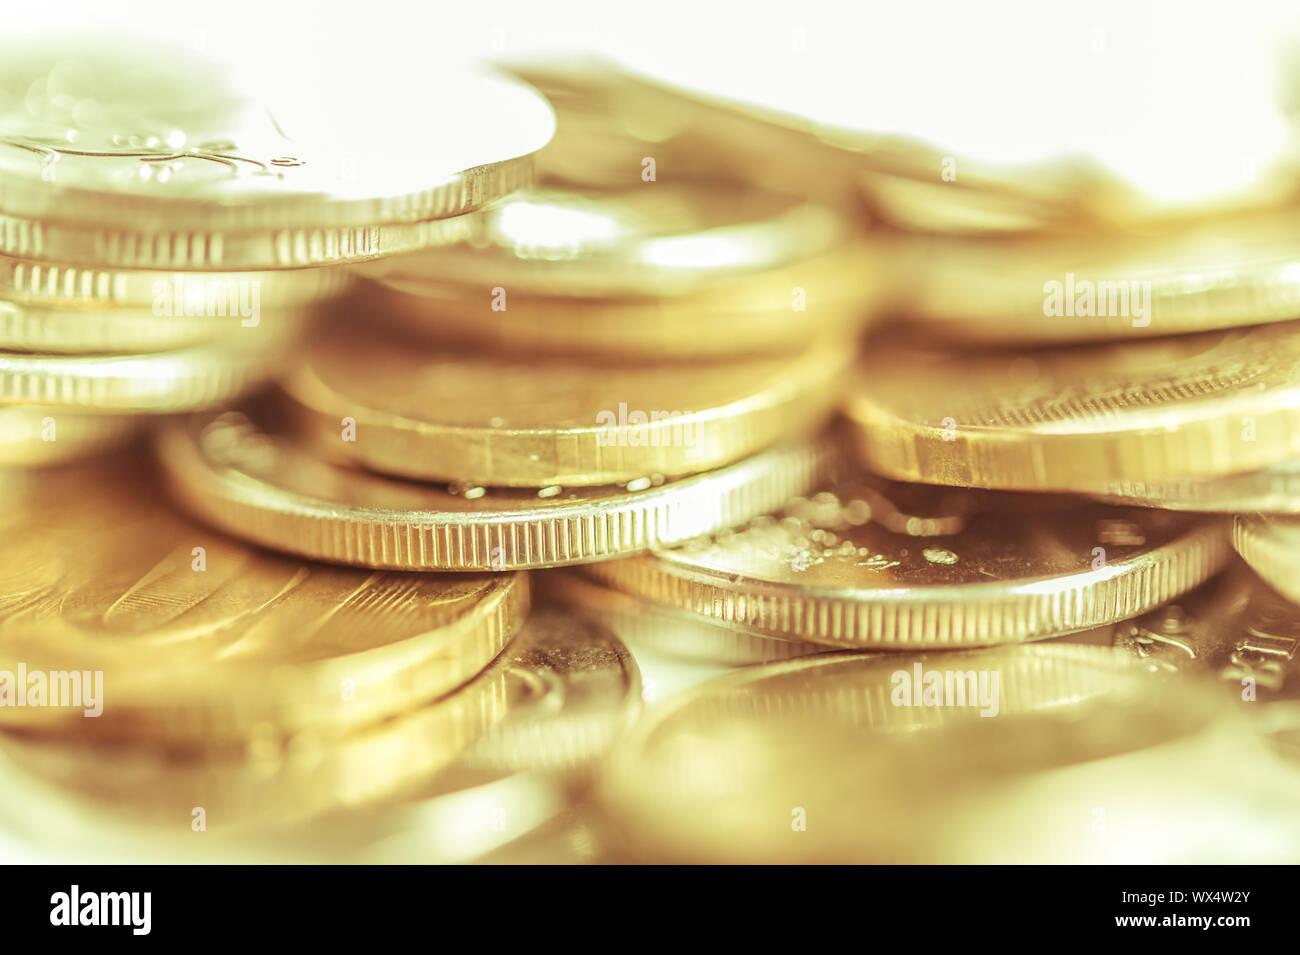 Pile de pièces d'or macro. Rangées de pièces de monnaie pour la finance et de la banque. Les tendances de l'économie contexte pour idée d'entreprise. Banque D'Images